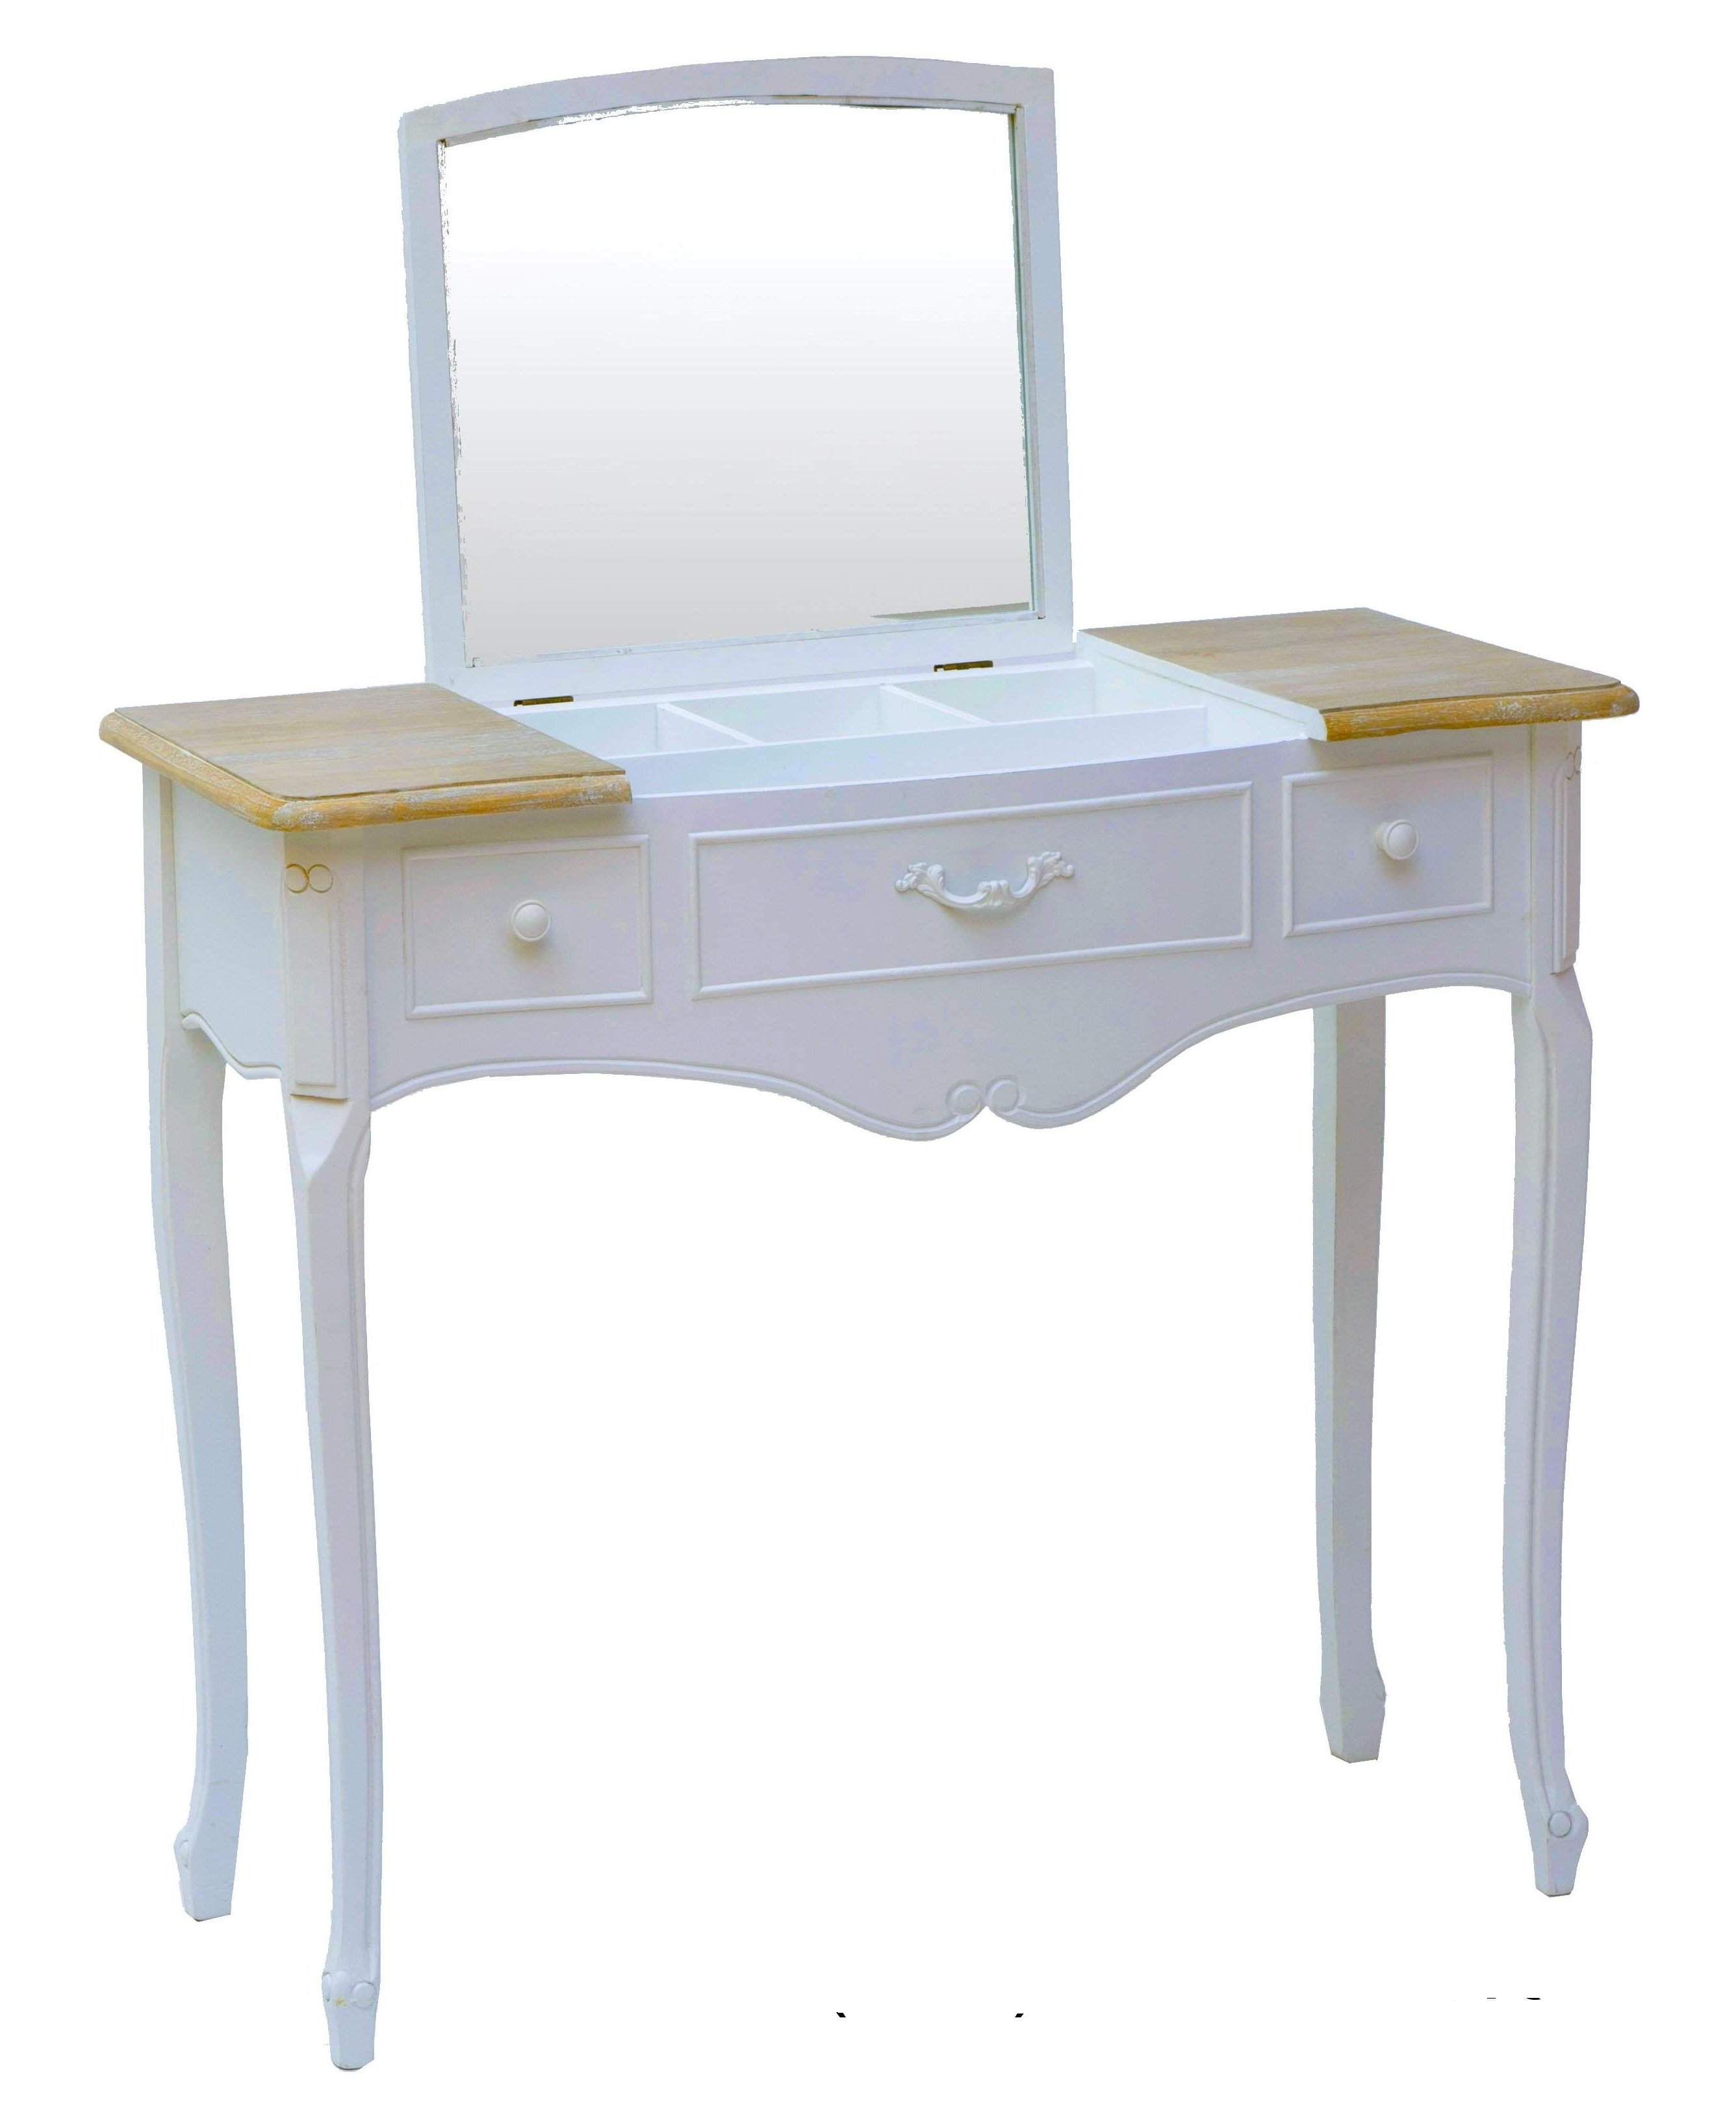 Antica soffitta toletta con specchio scrittoio legno bianco nocciola consolle sh - Toletta con specchio ...